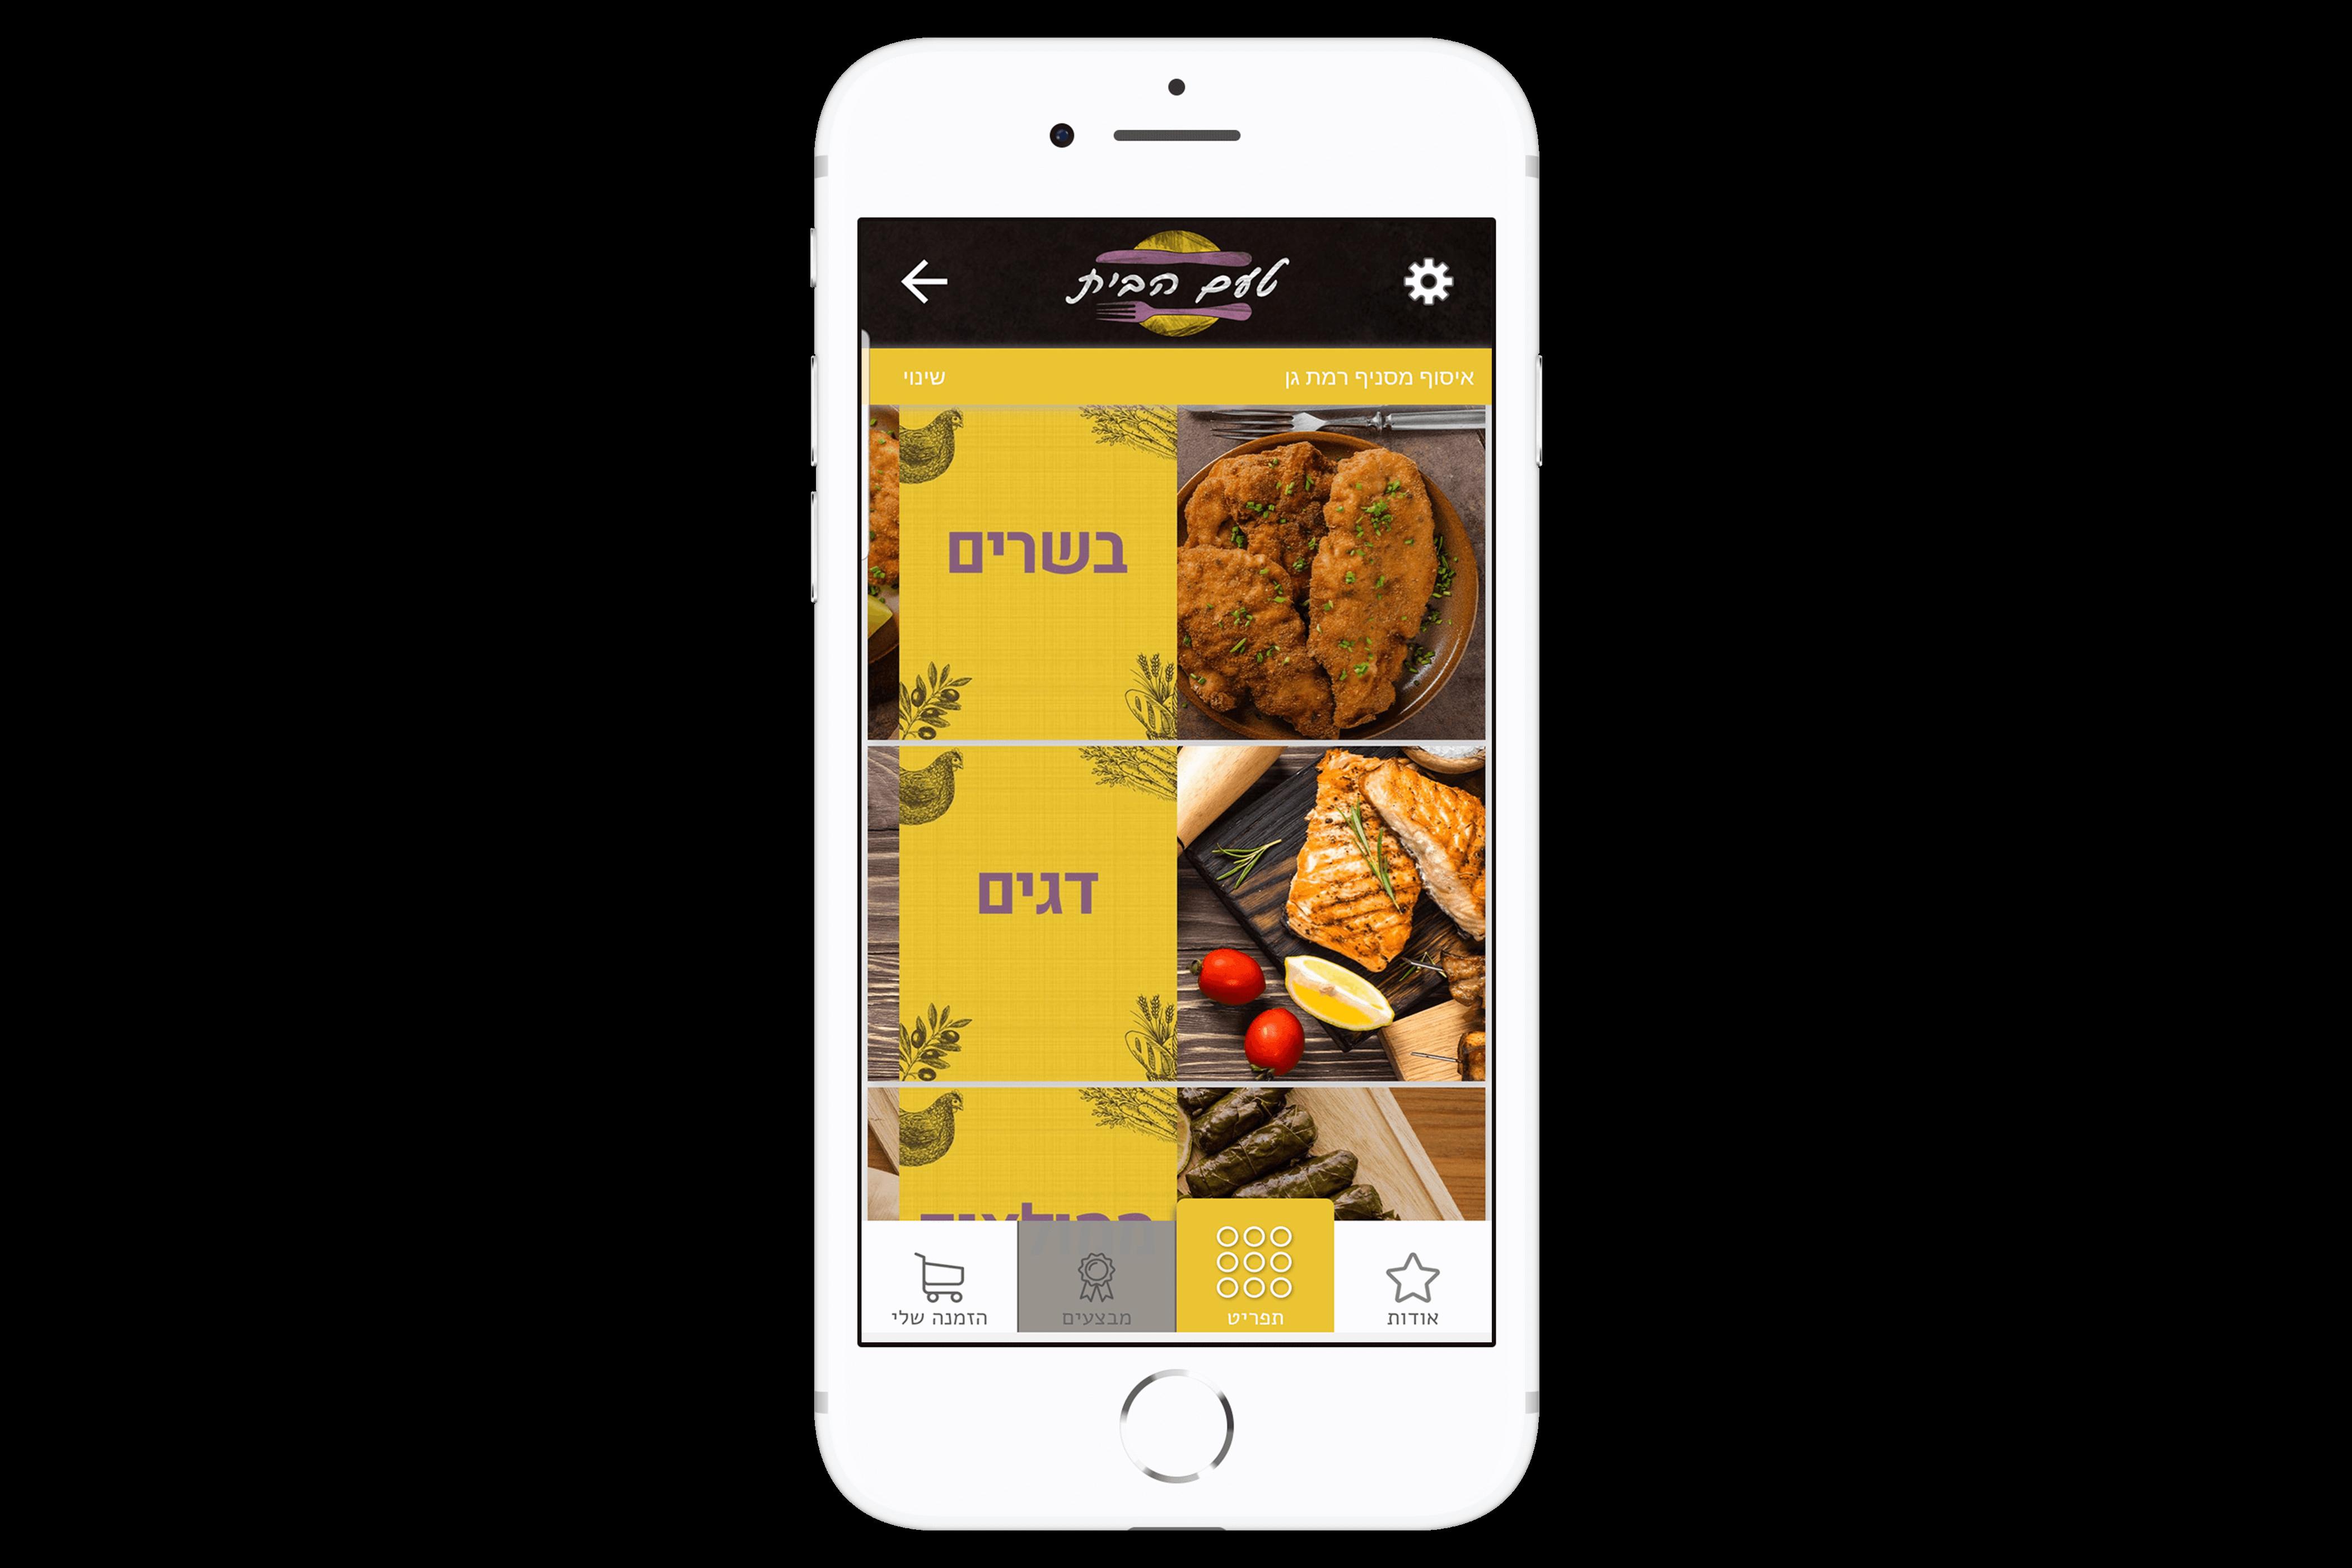 אפליקציית הזמנות של טעם הביתמבין הלקוחות שלנו